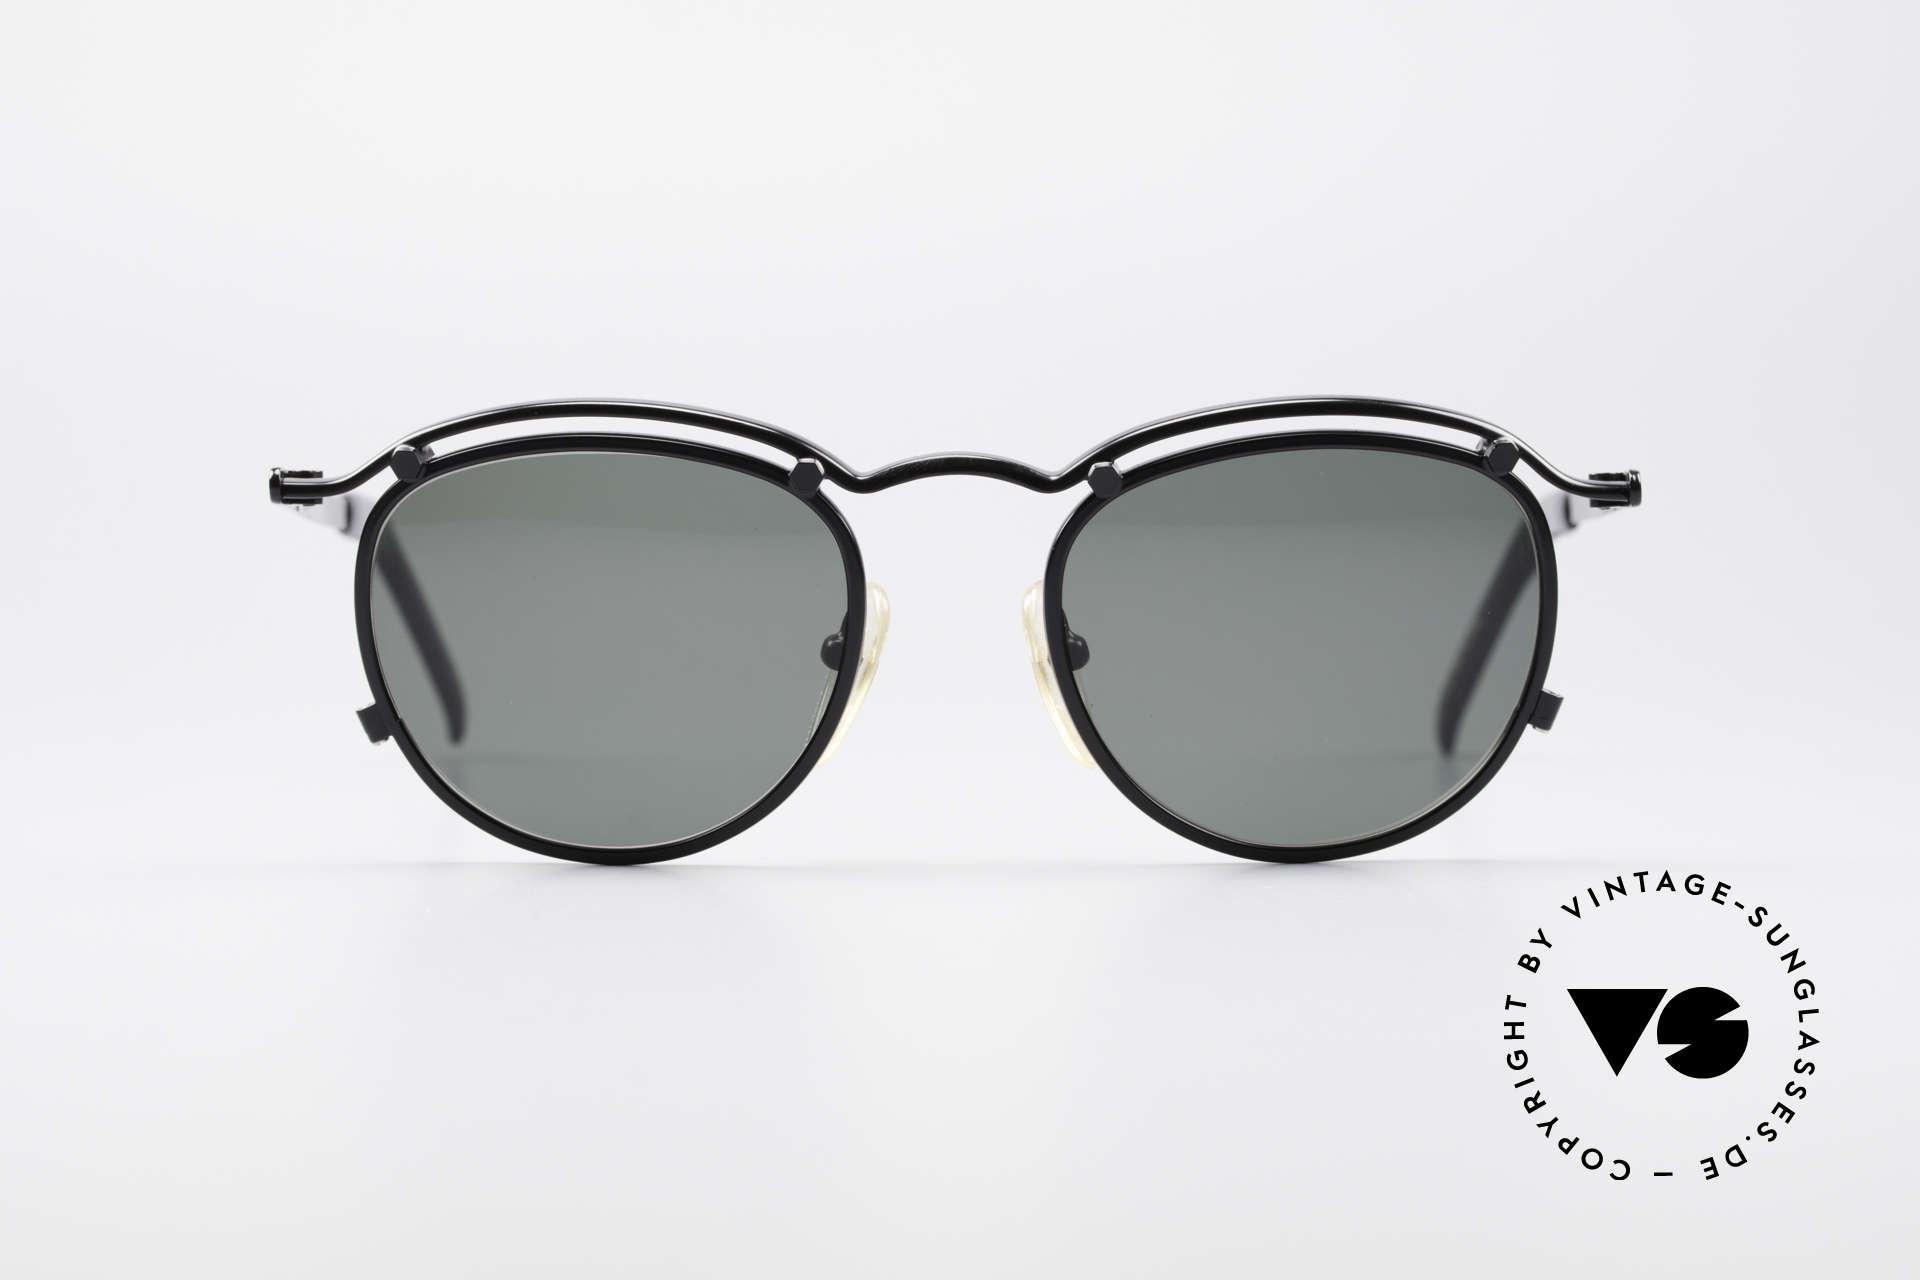 Jean Paul Gaultier 56-1174 Steampunk Panto Brille, ein etwas modifizierter Panto-Stil à la 'Steampunk', Passend für Herren und Damen